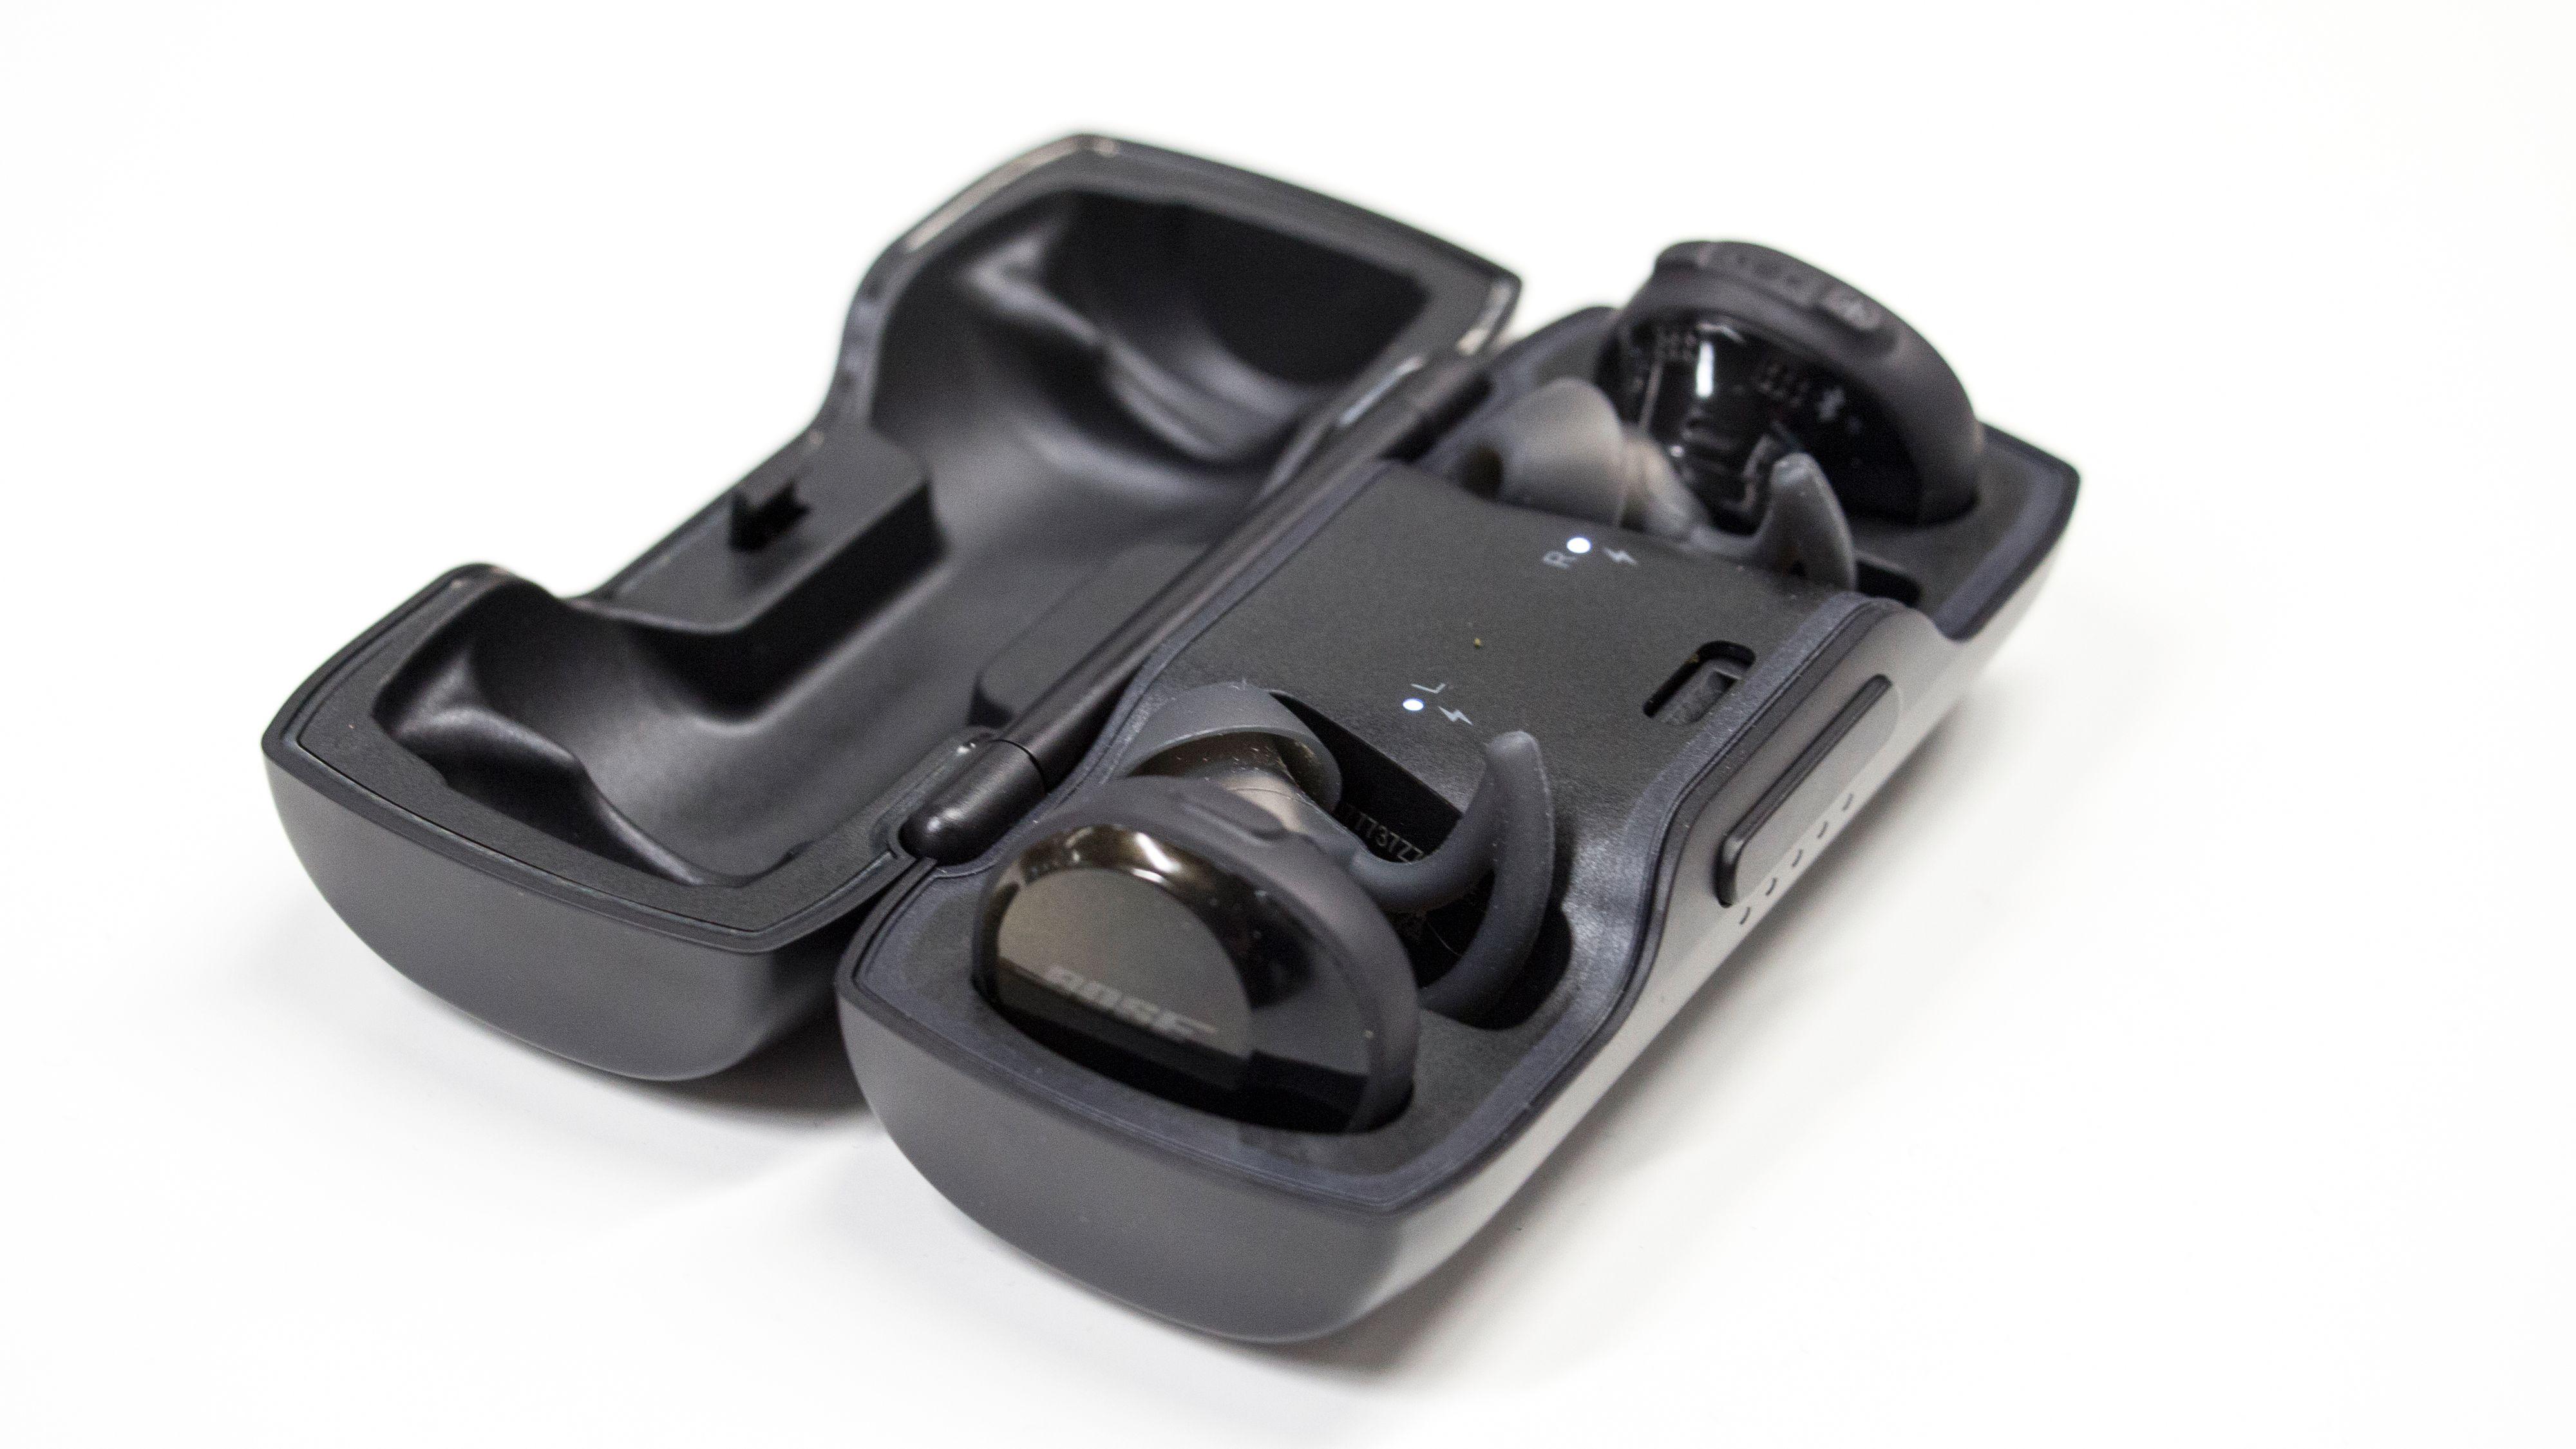 Pluggene klikkes enkelt på plass i etuiet med magnet. Etuiet huser også to ekstra oppladinger.